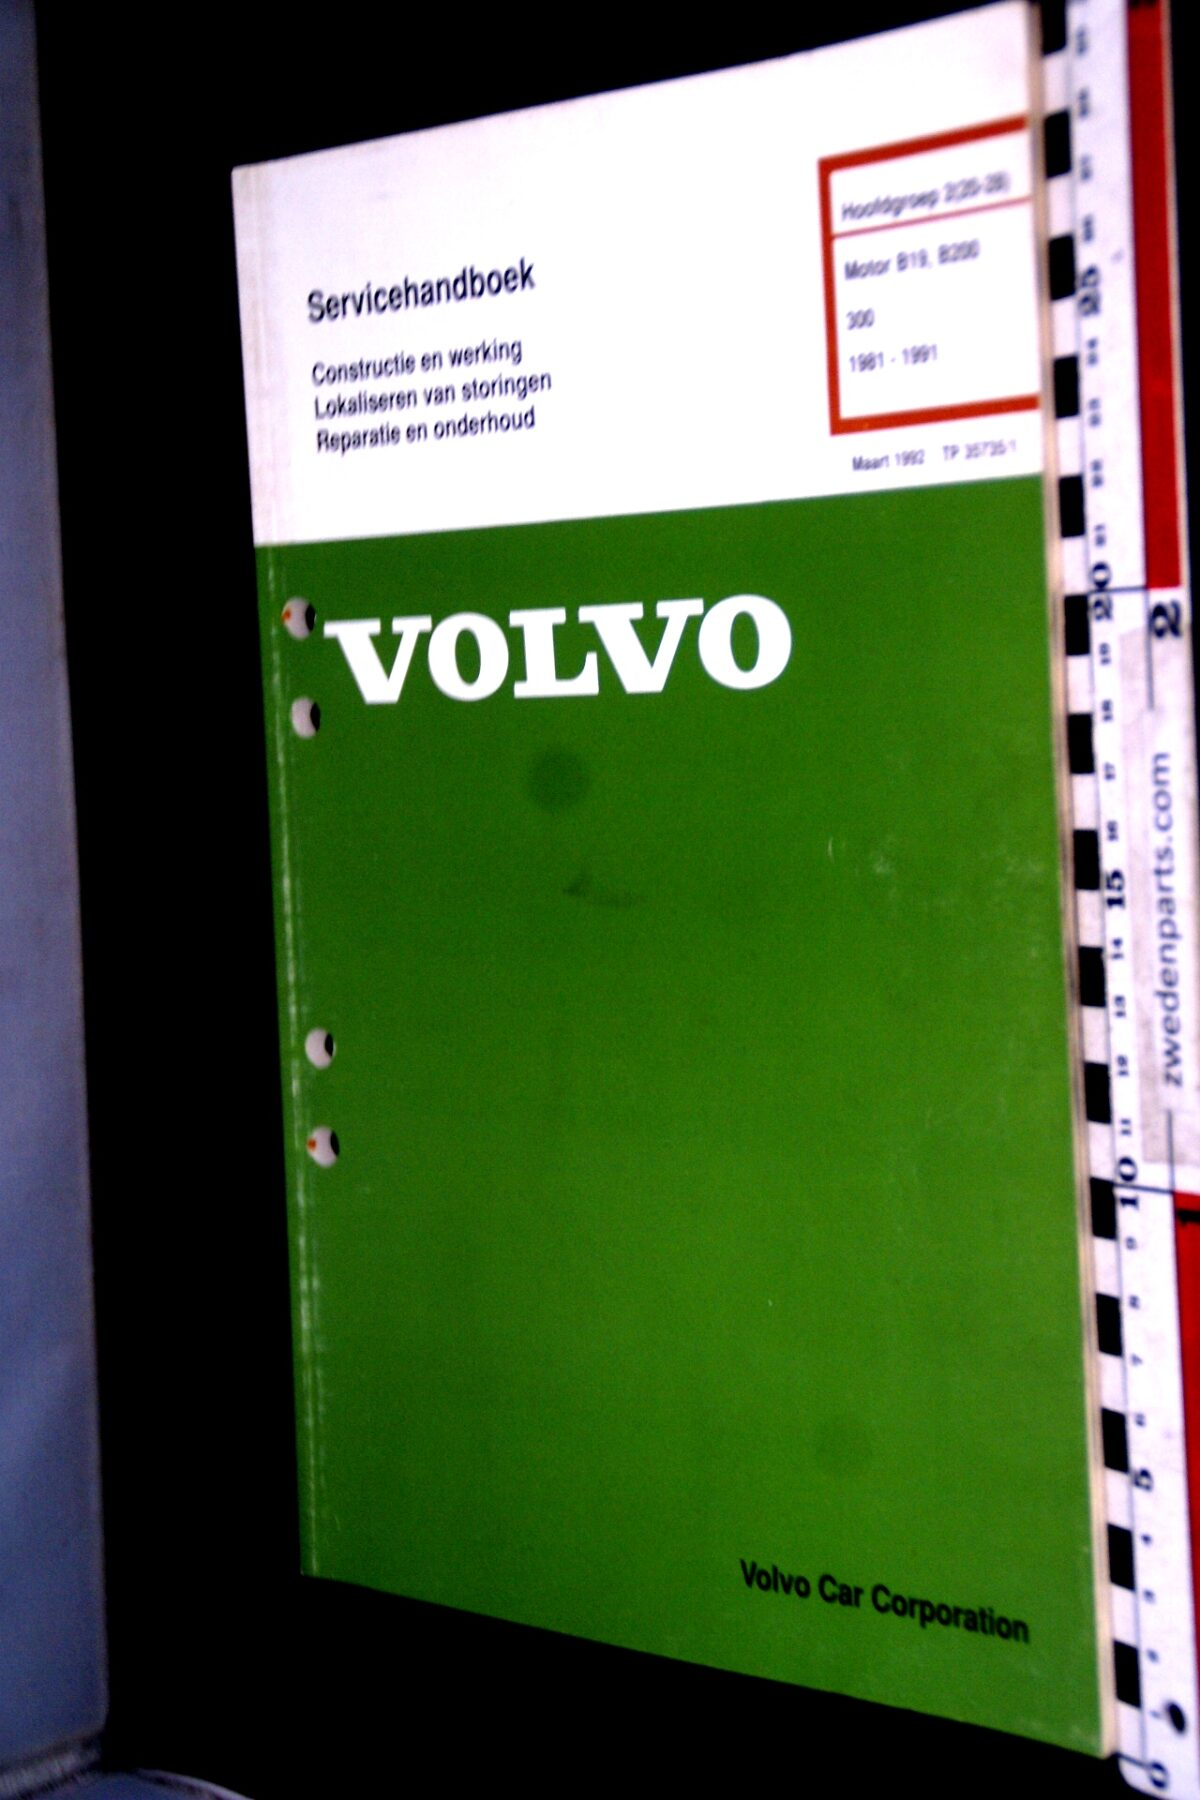 DSC09032 1992 origineel  Volvo 340 servicehandboek motor  1 van 1.000 nr TP 35735-1